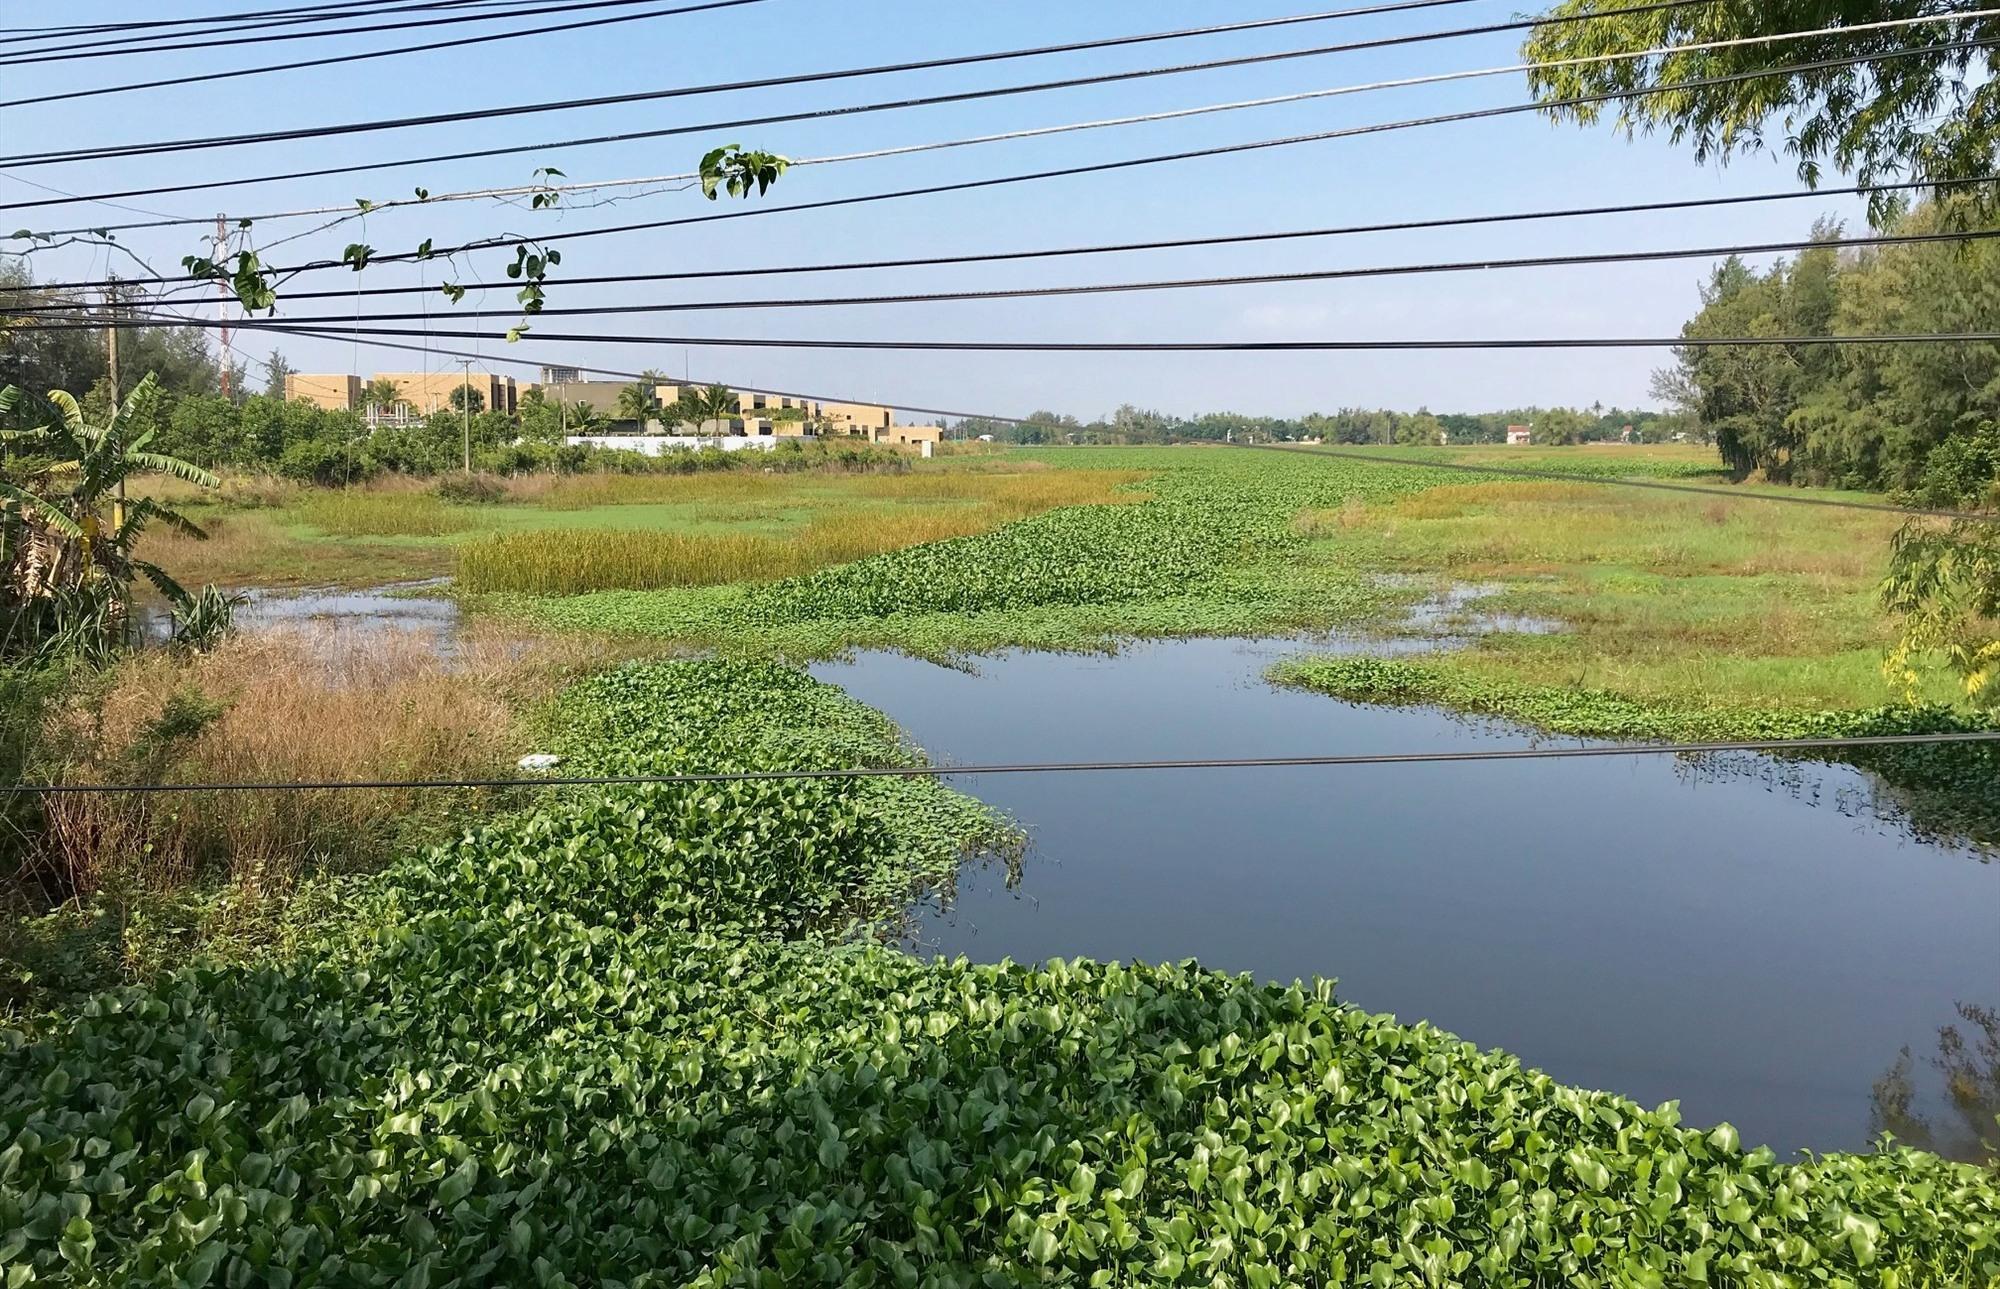 Sông Cổ Cò đoạn qua thị xã Điện Bàn vẫn đang bị tắc. Ảnh: Q.T